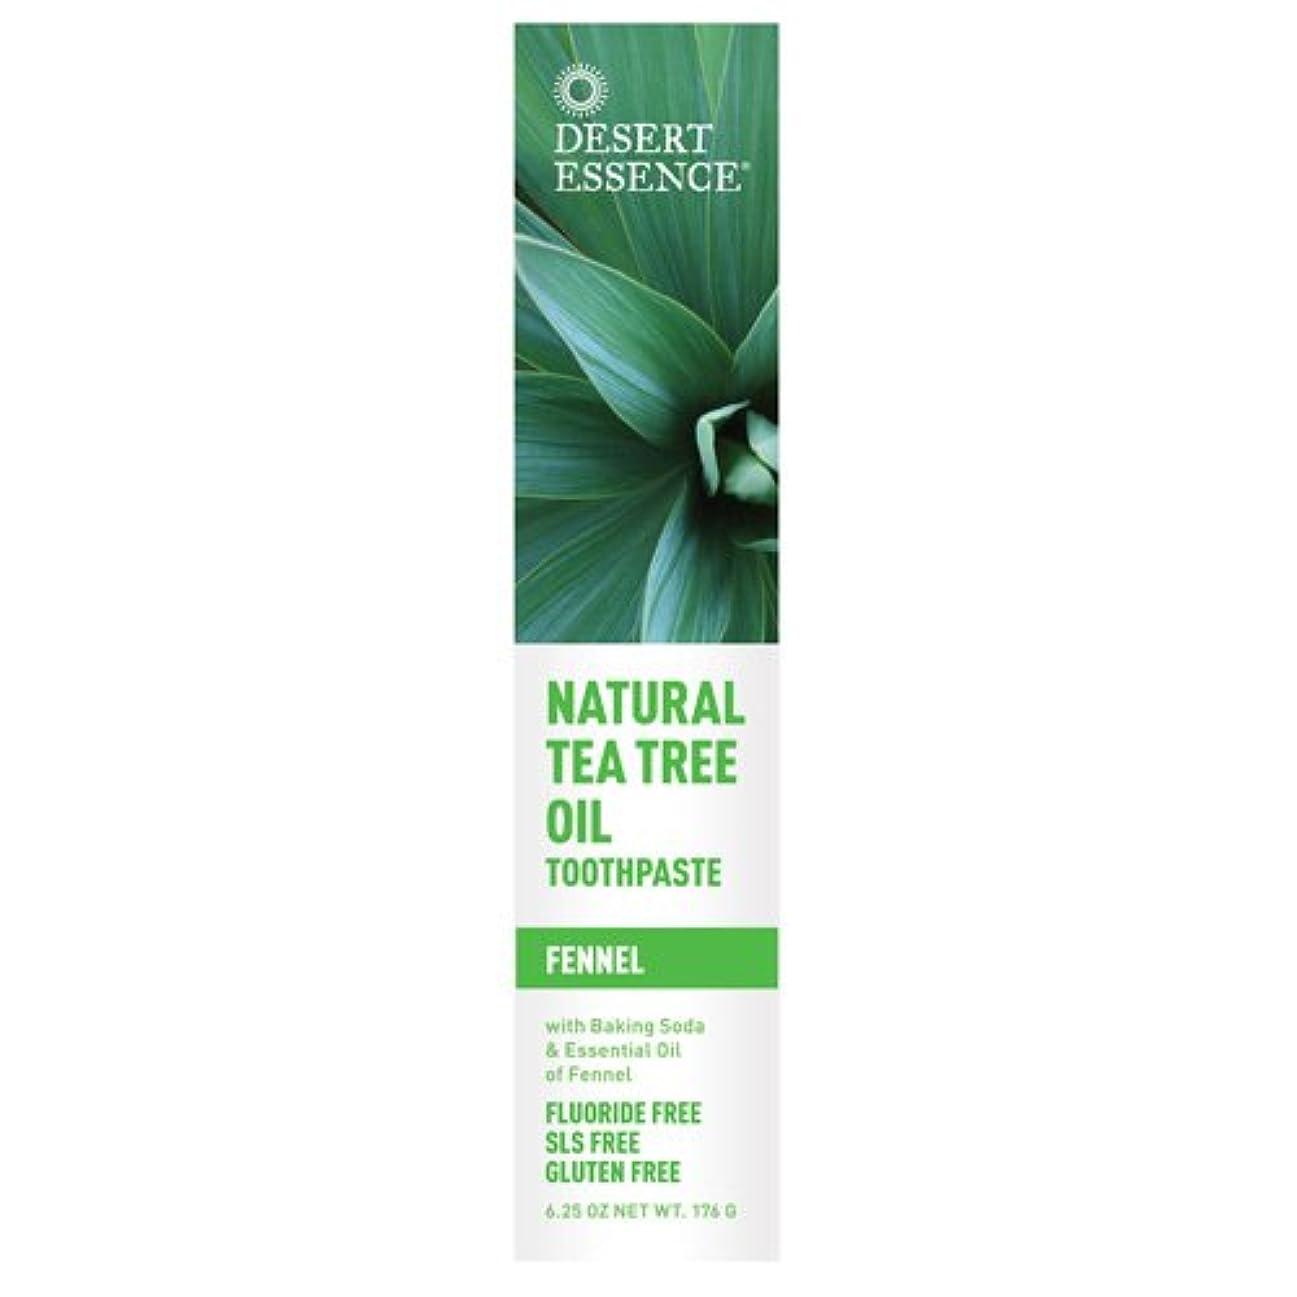 マニフェストレンジテメリティ海外直送品 Desert Essence Toothpaste Tea Tree, 7oz